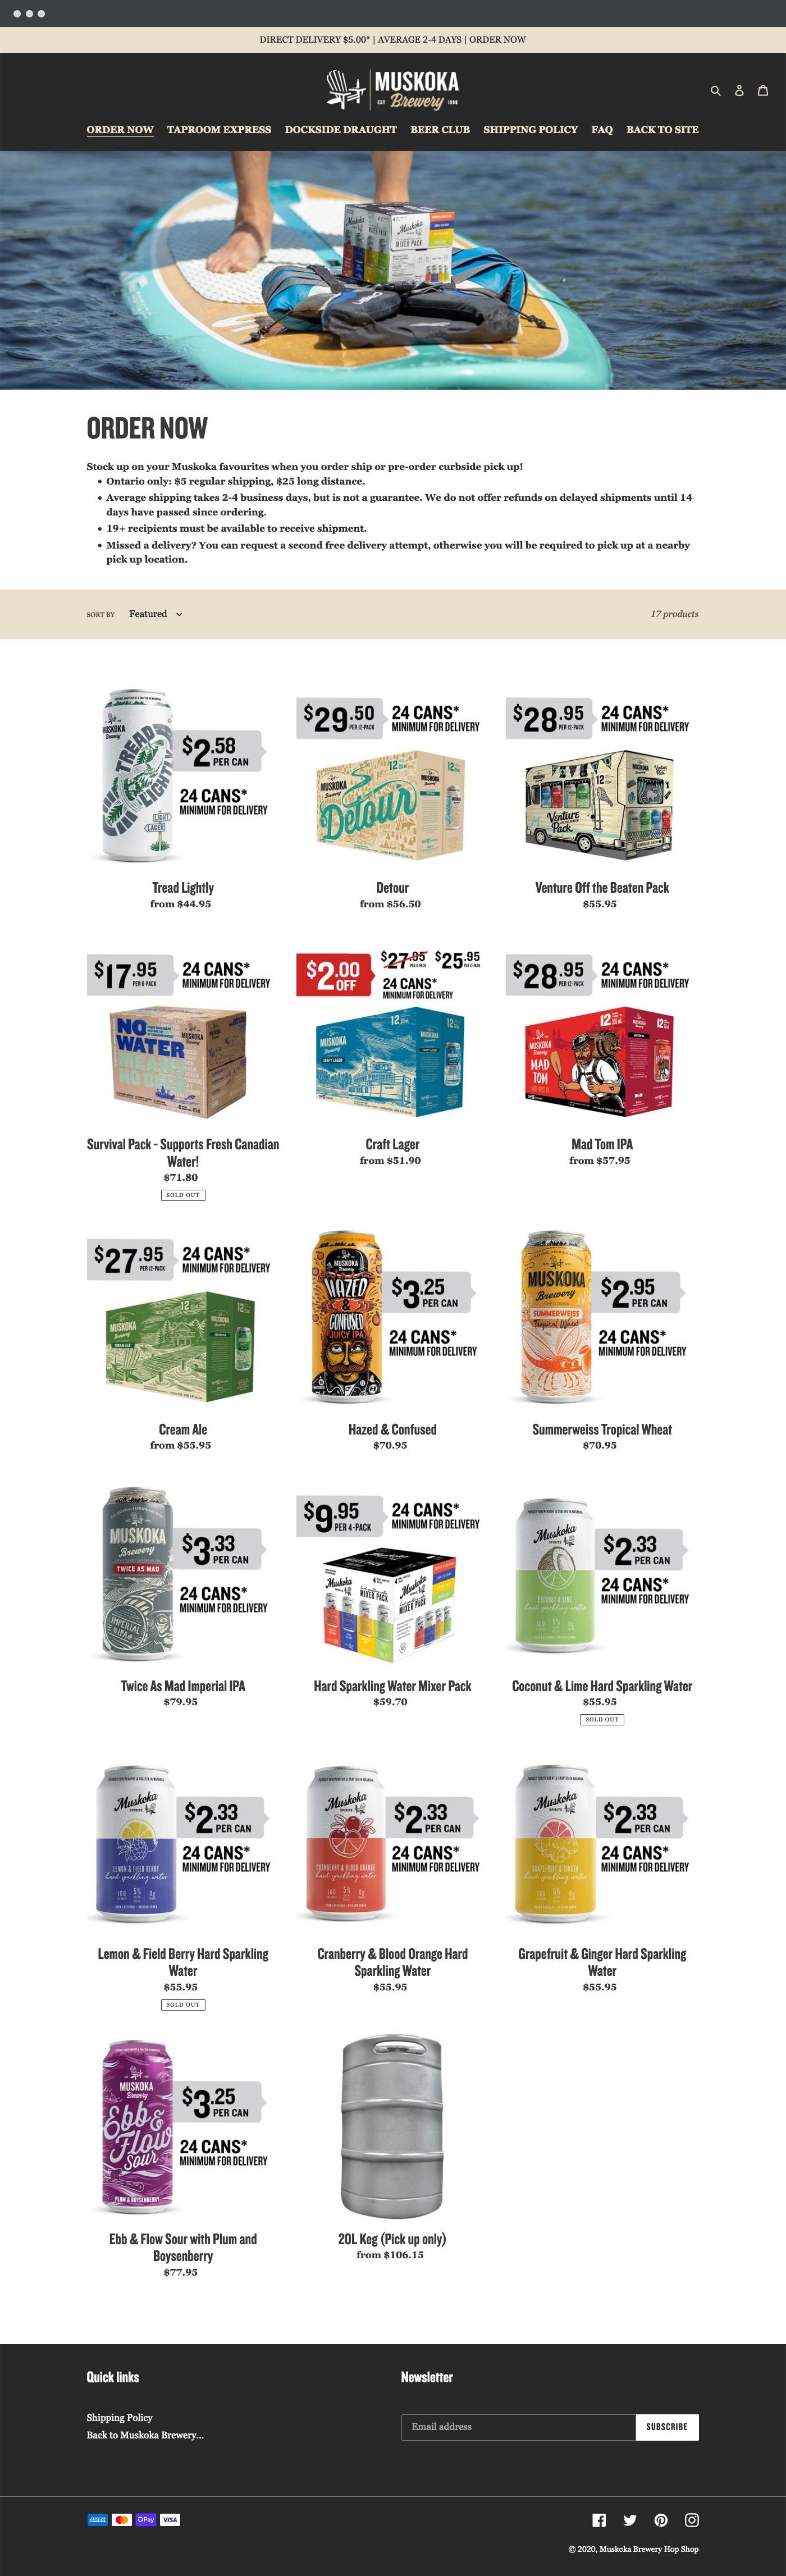 Muskoka Brewery store page